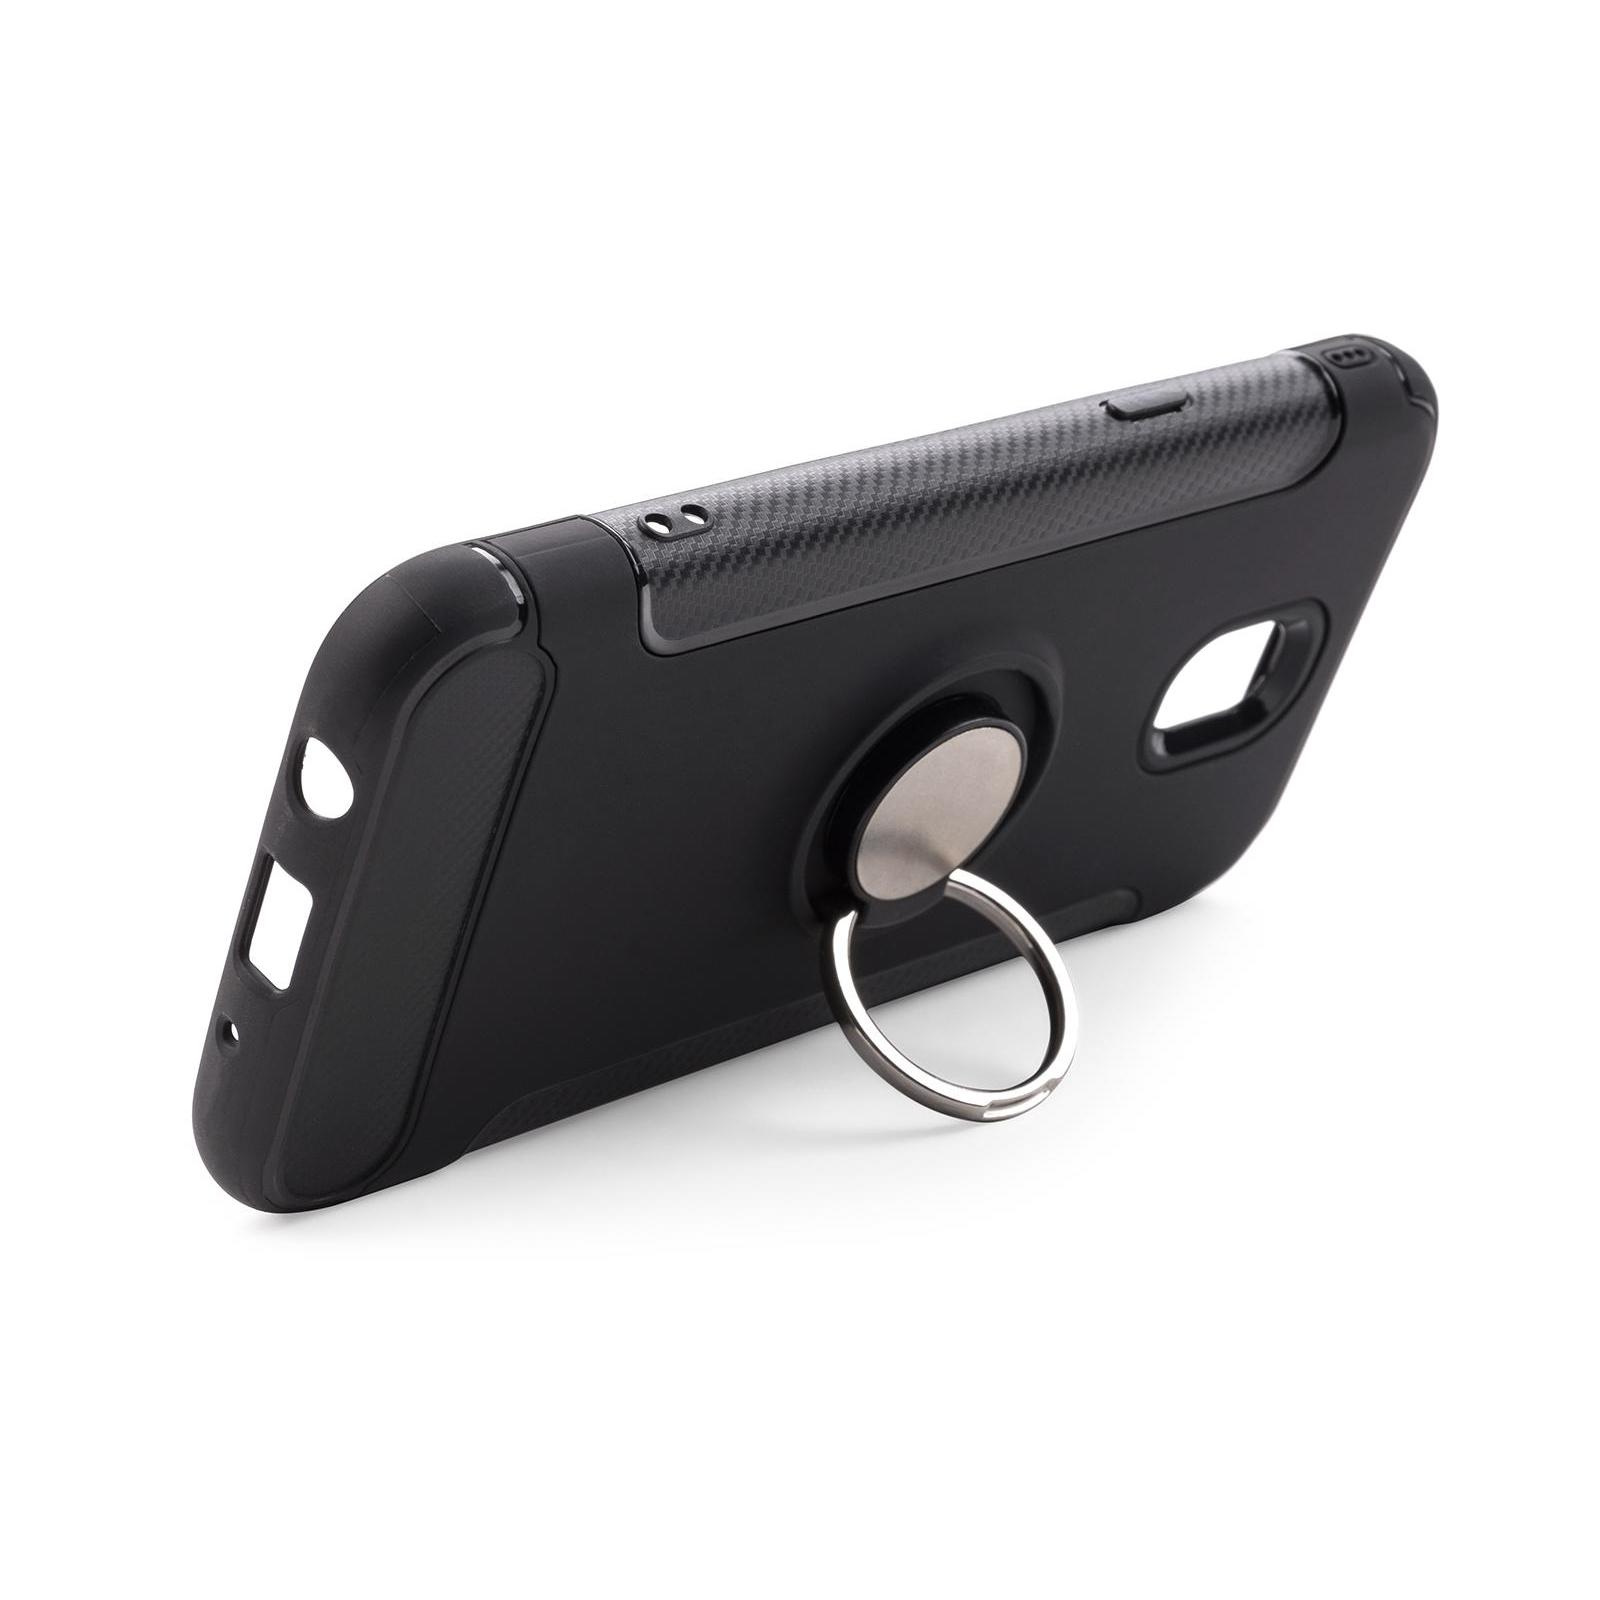 Чехол для моб. телефона Laudtec для Samsung J5 2017/J530 Ring stand (black) (LR-J530-BC) изображение 3